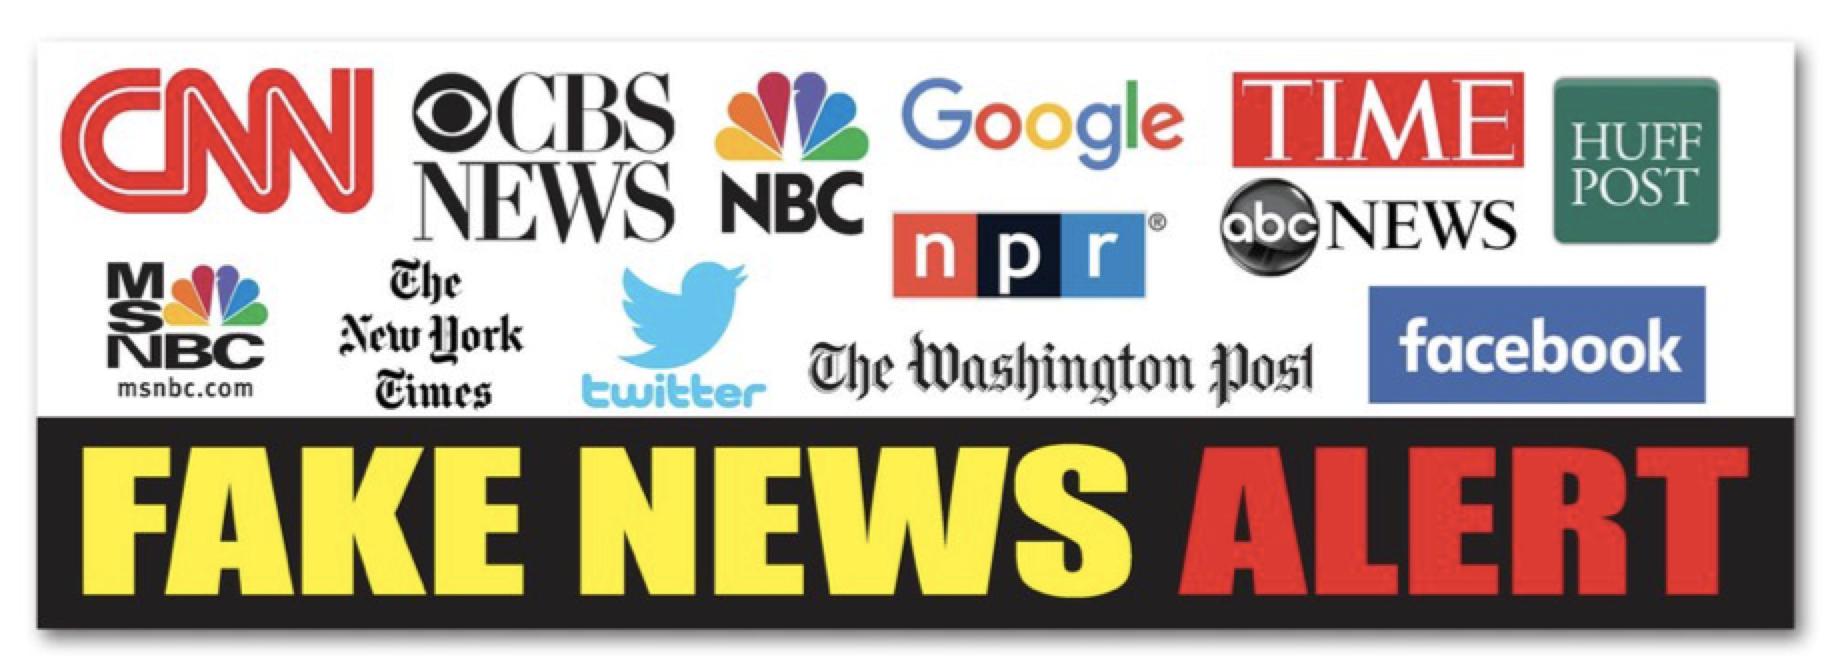 fake-news-alert-kgov.png